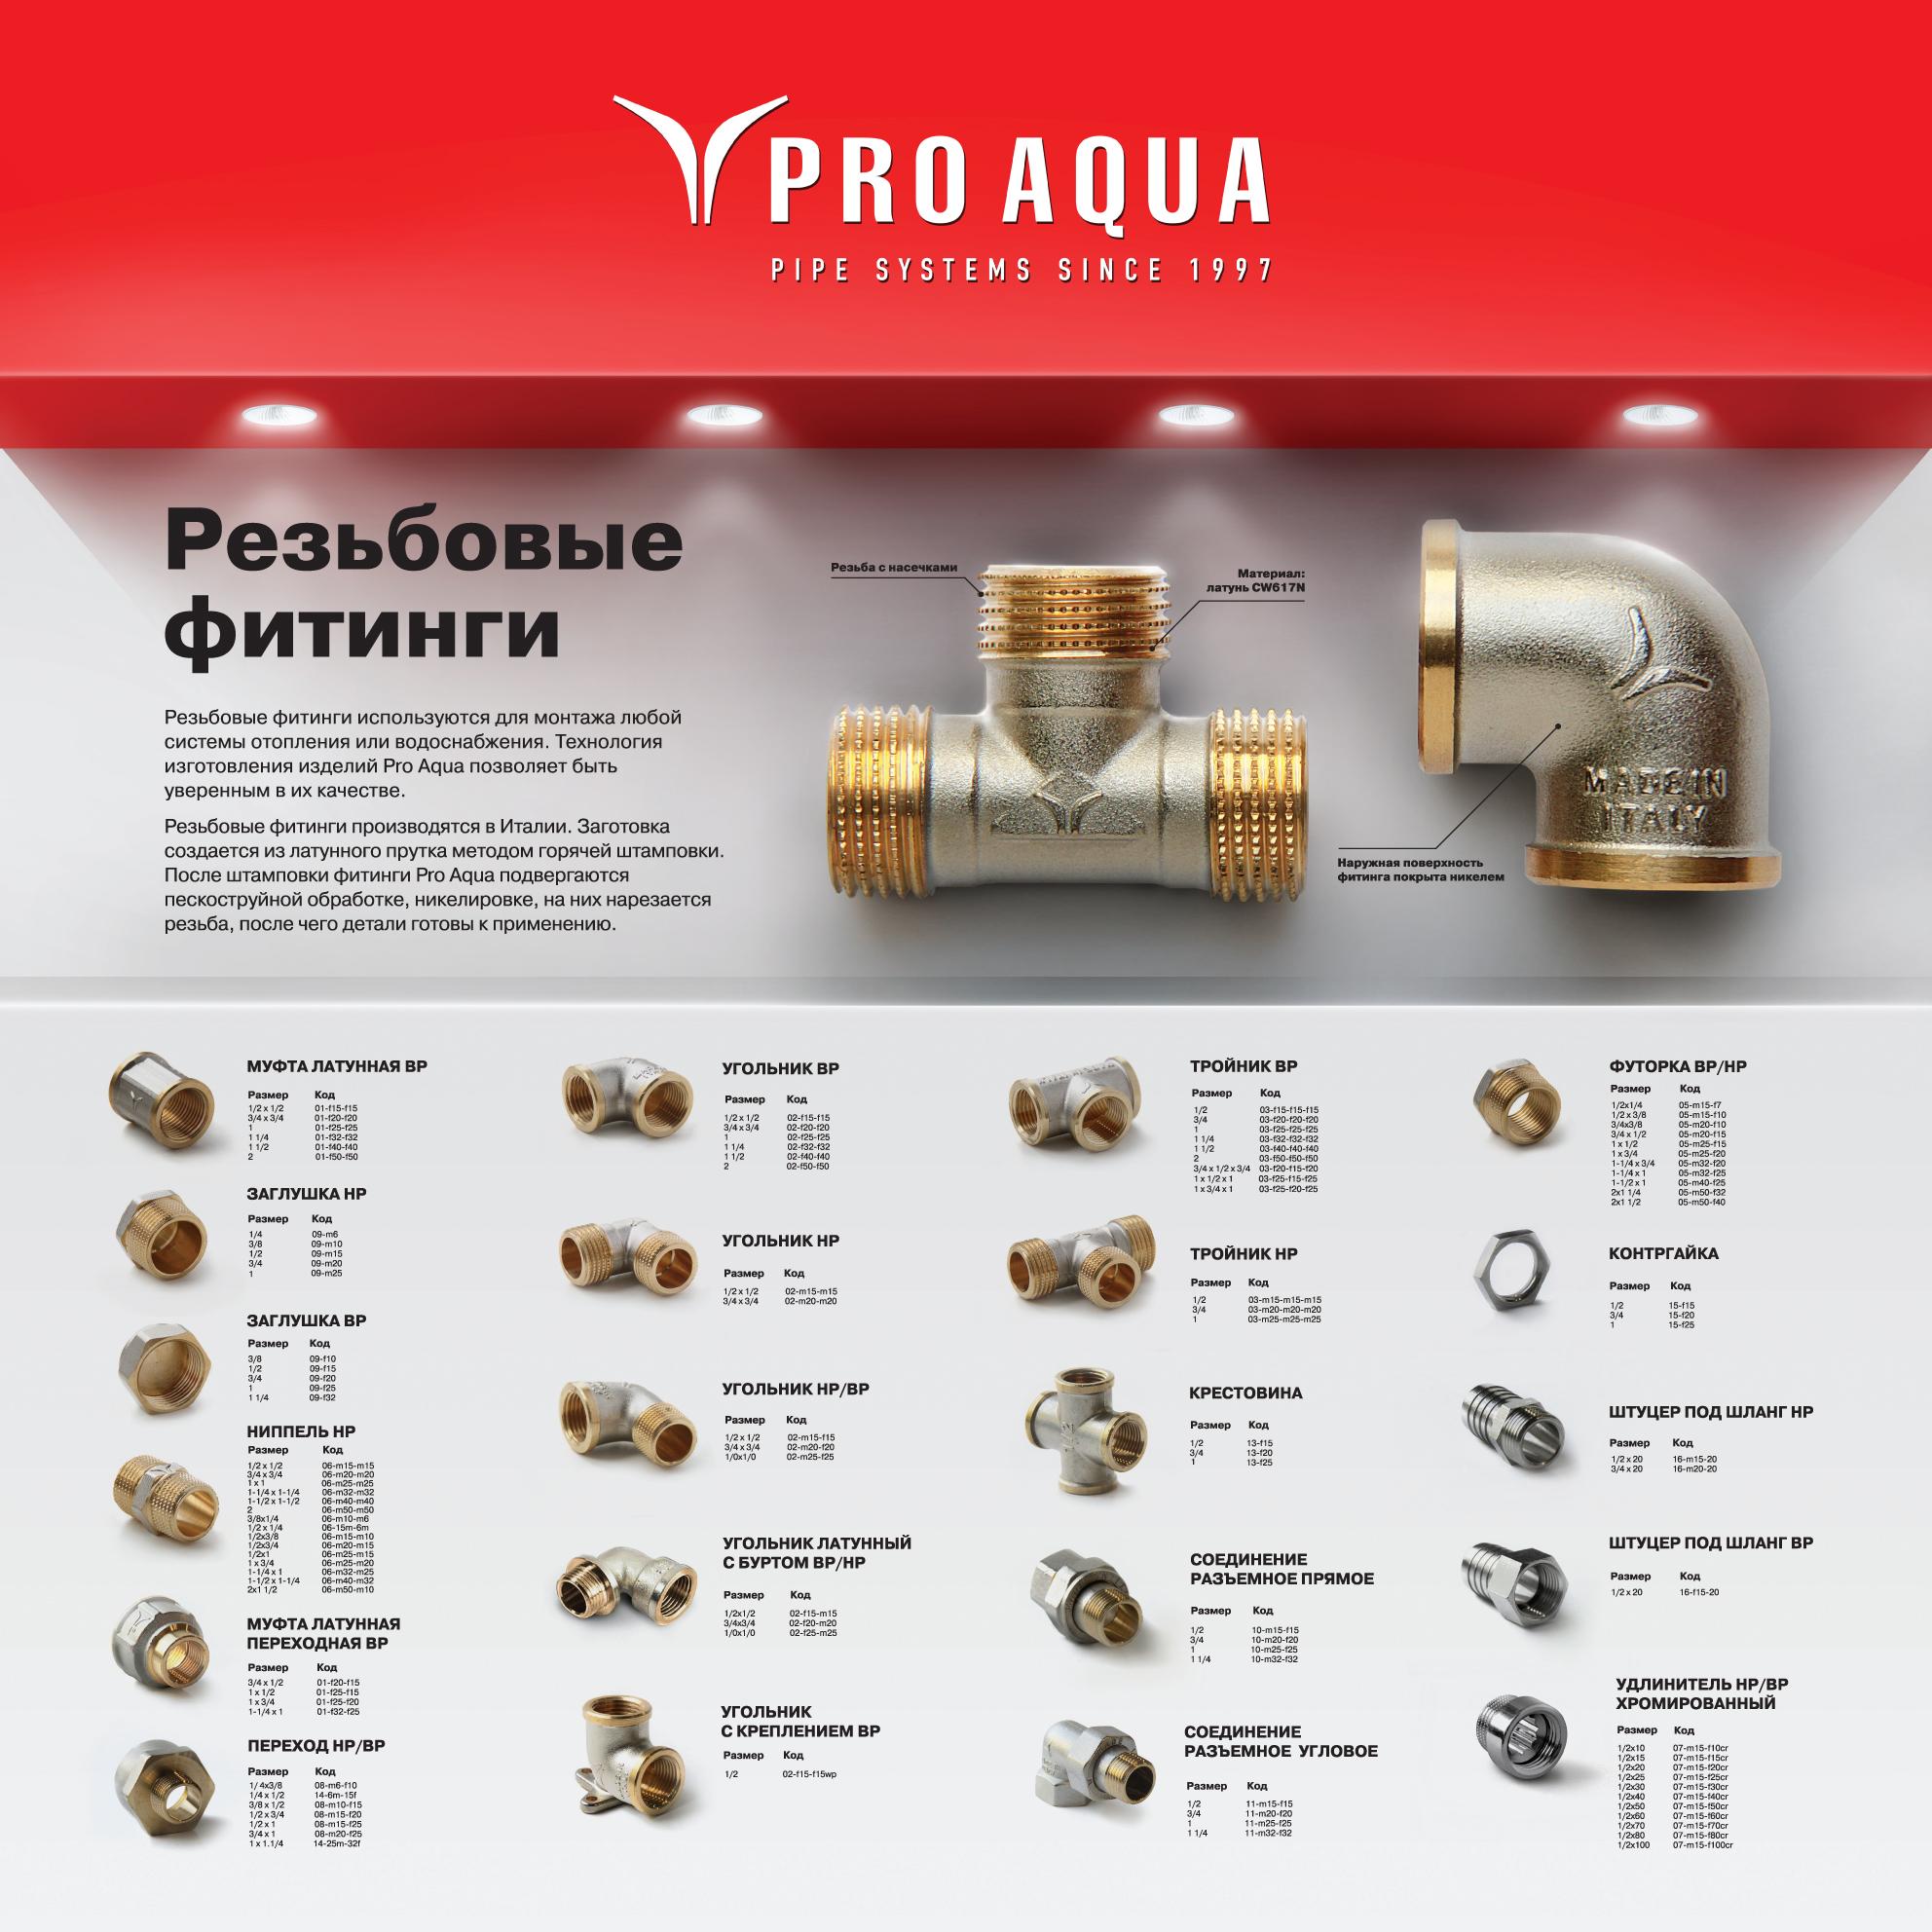 Использование медных труб в системах отопления